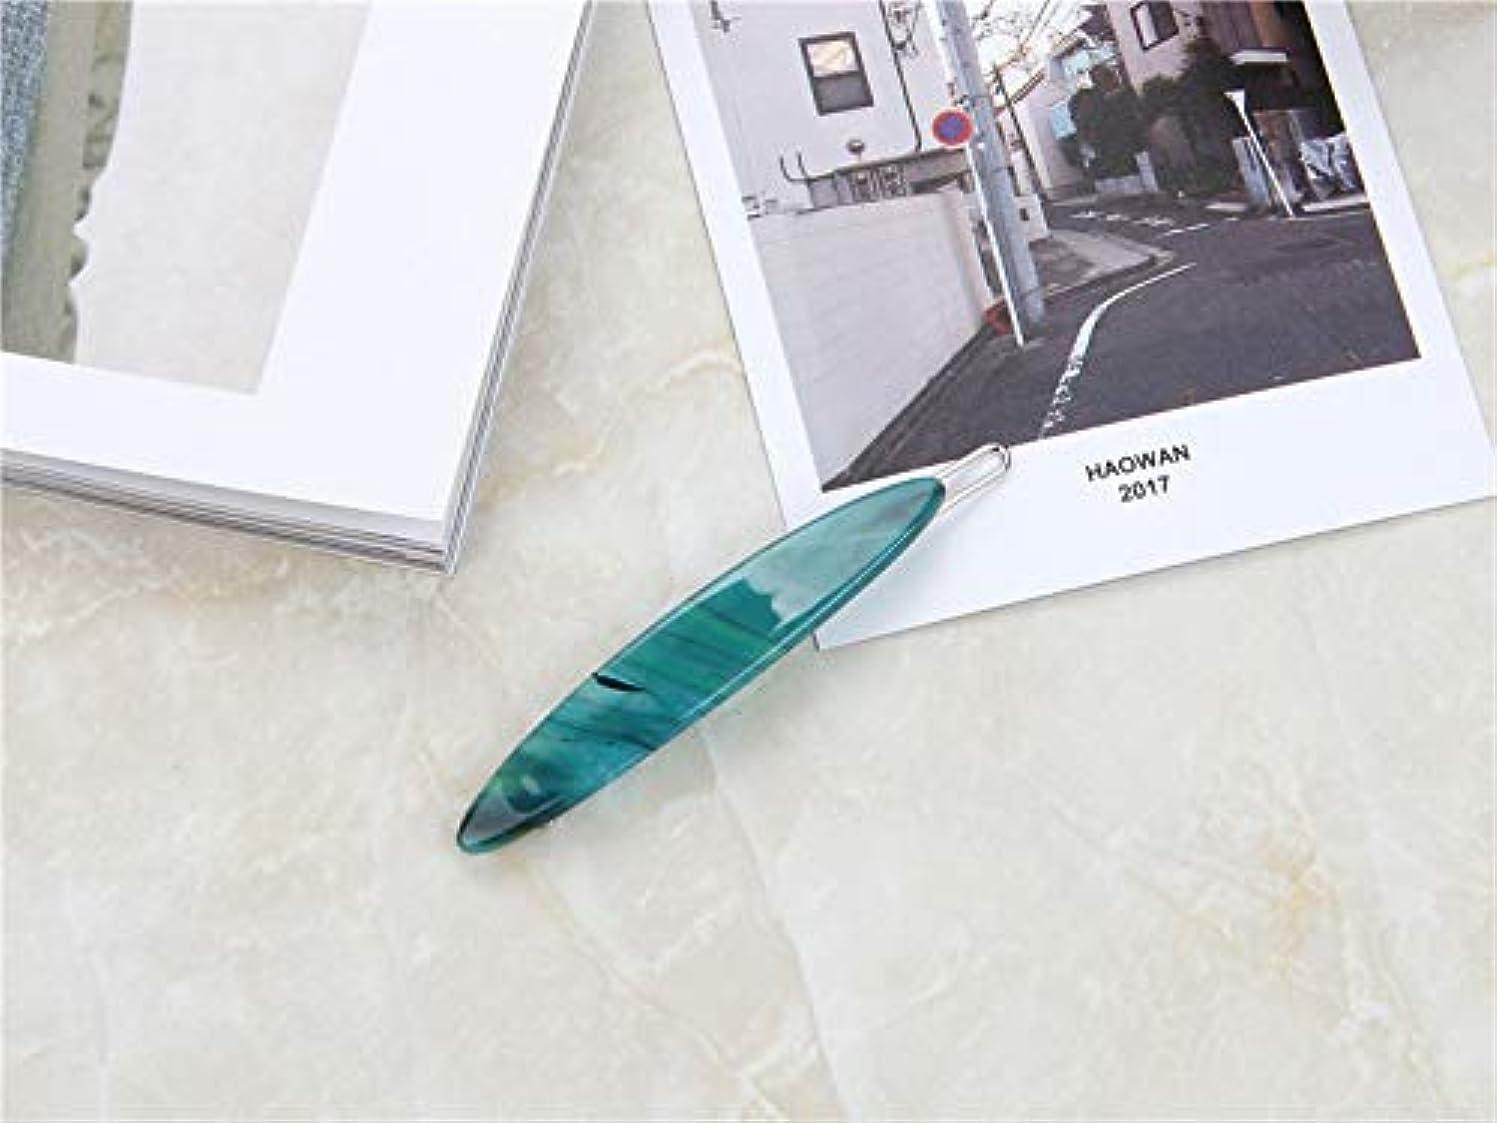 光電うまれた羽HuaQingPiJu-JP 1PcシンプルなエレガントなヘアクリップファッションUseflulヘアアクセサリー(ダークグリーン)